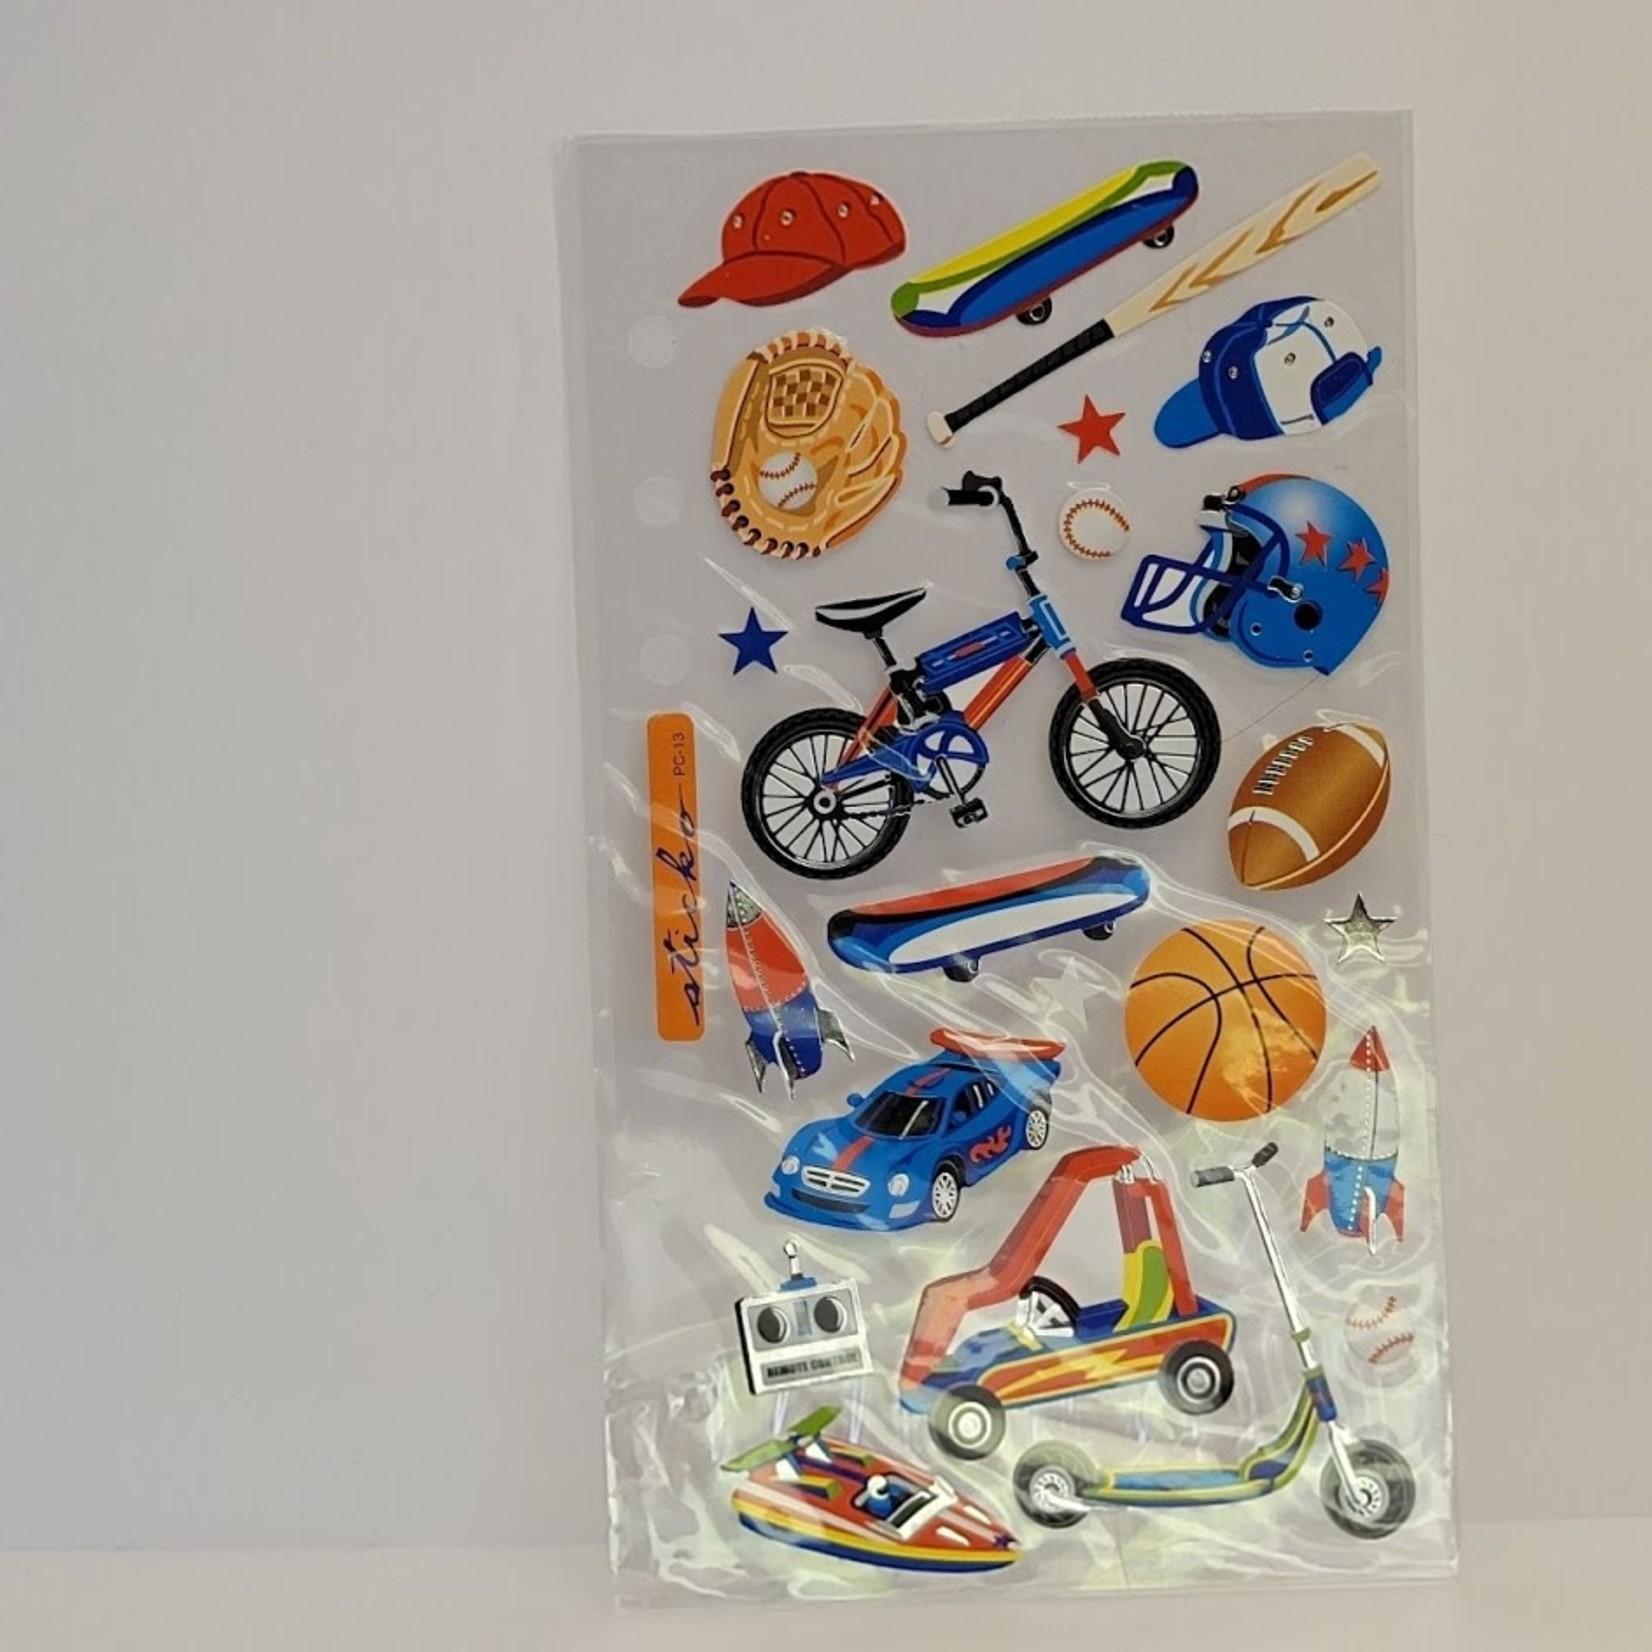 Sticko - Stickers - Sports